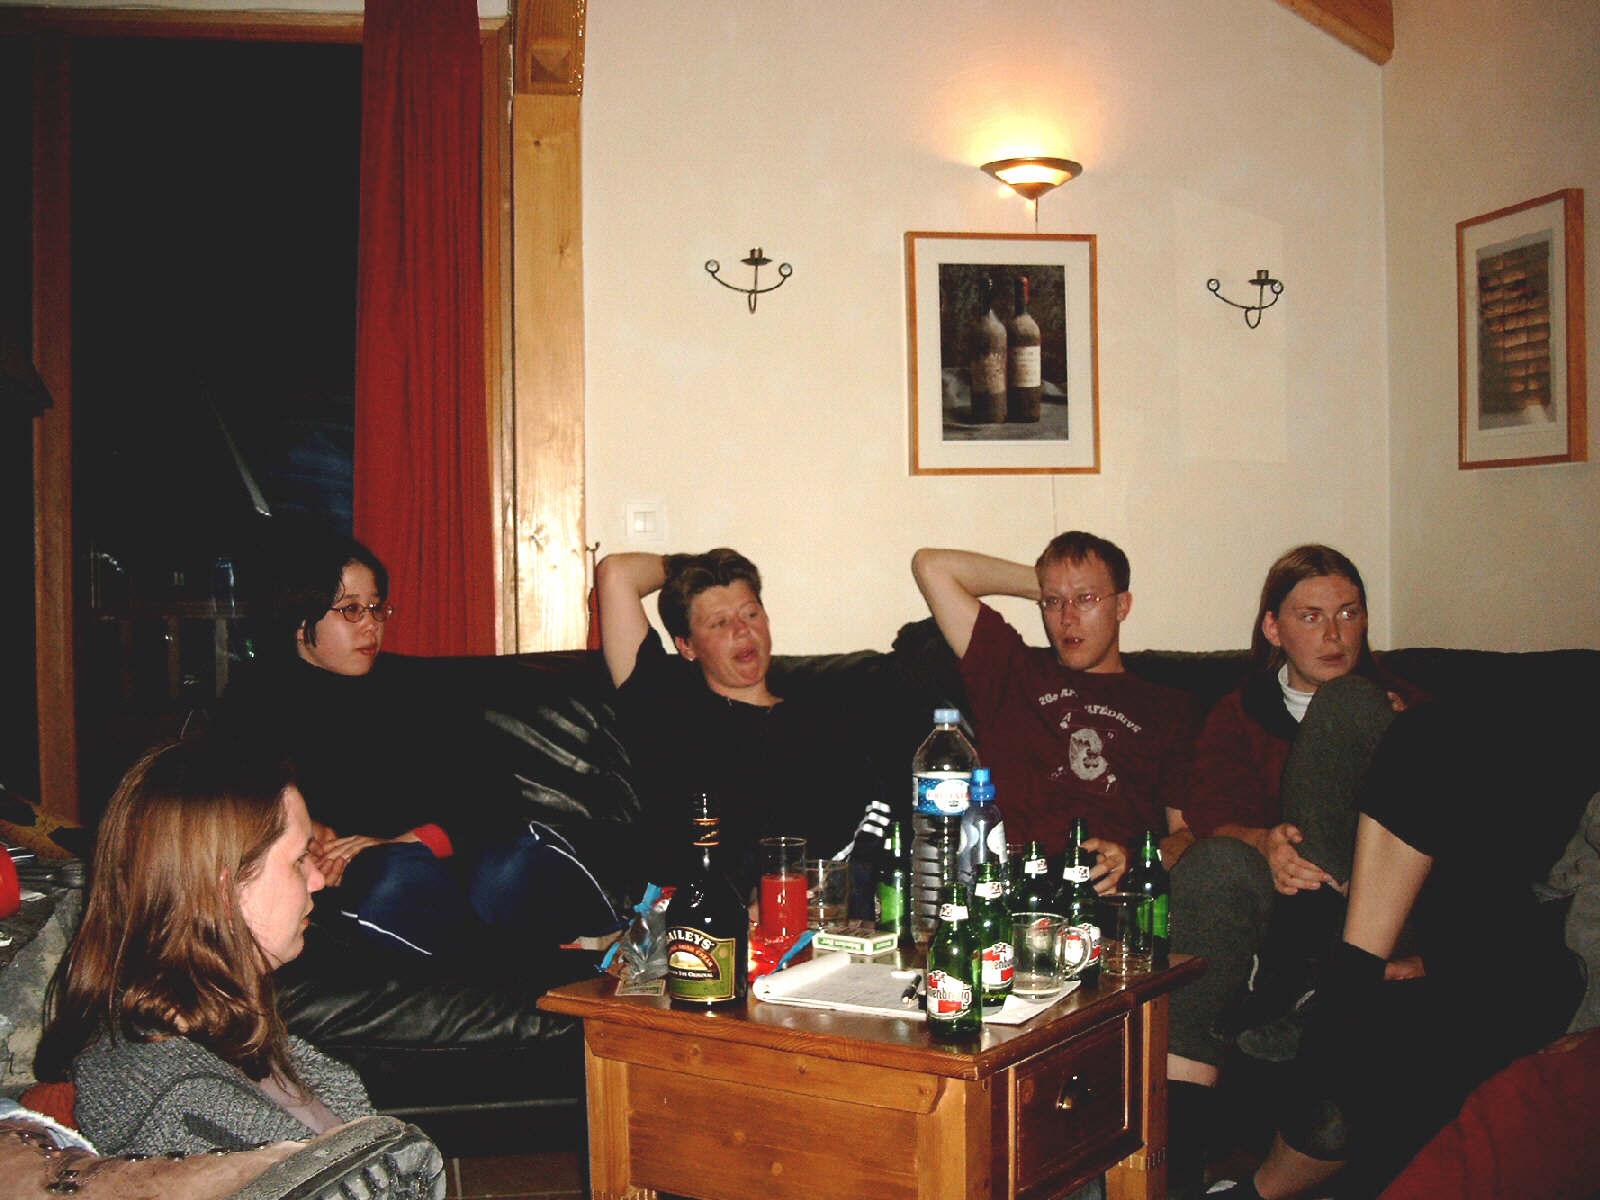 sfg_ilja_dennis_copycats.jpg